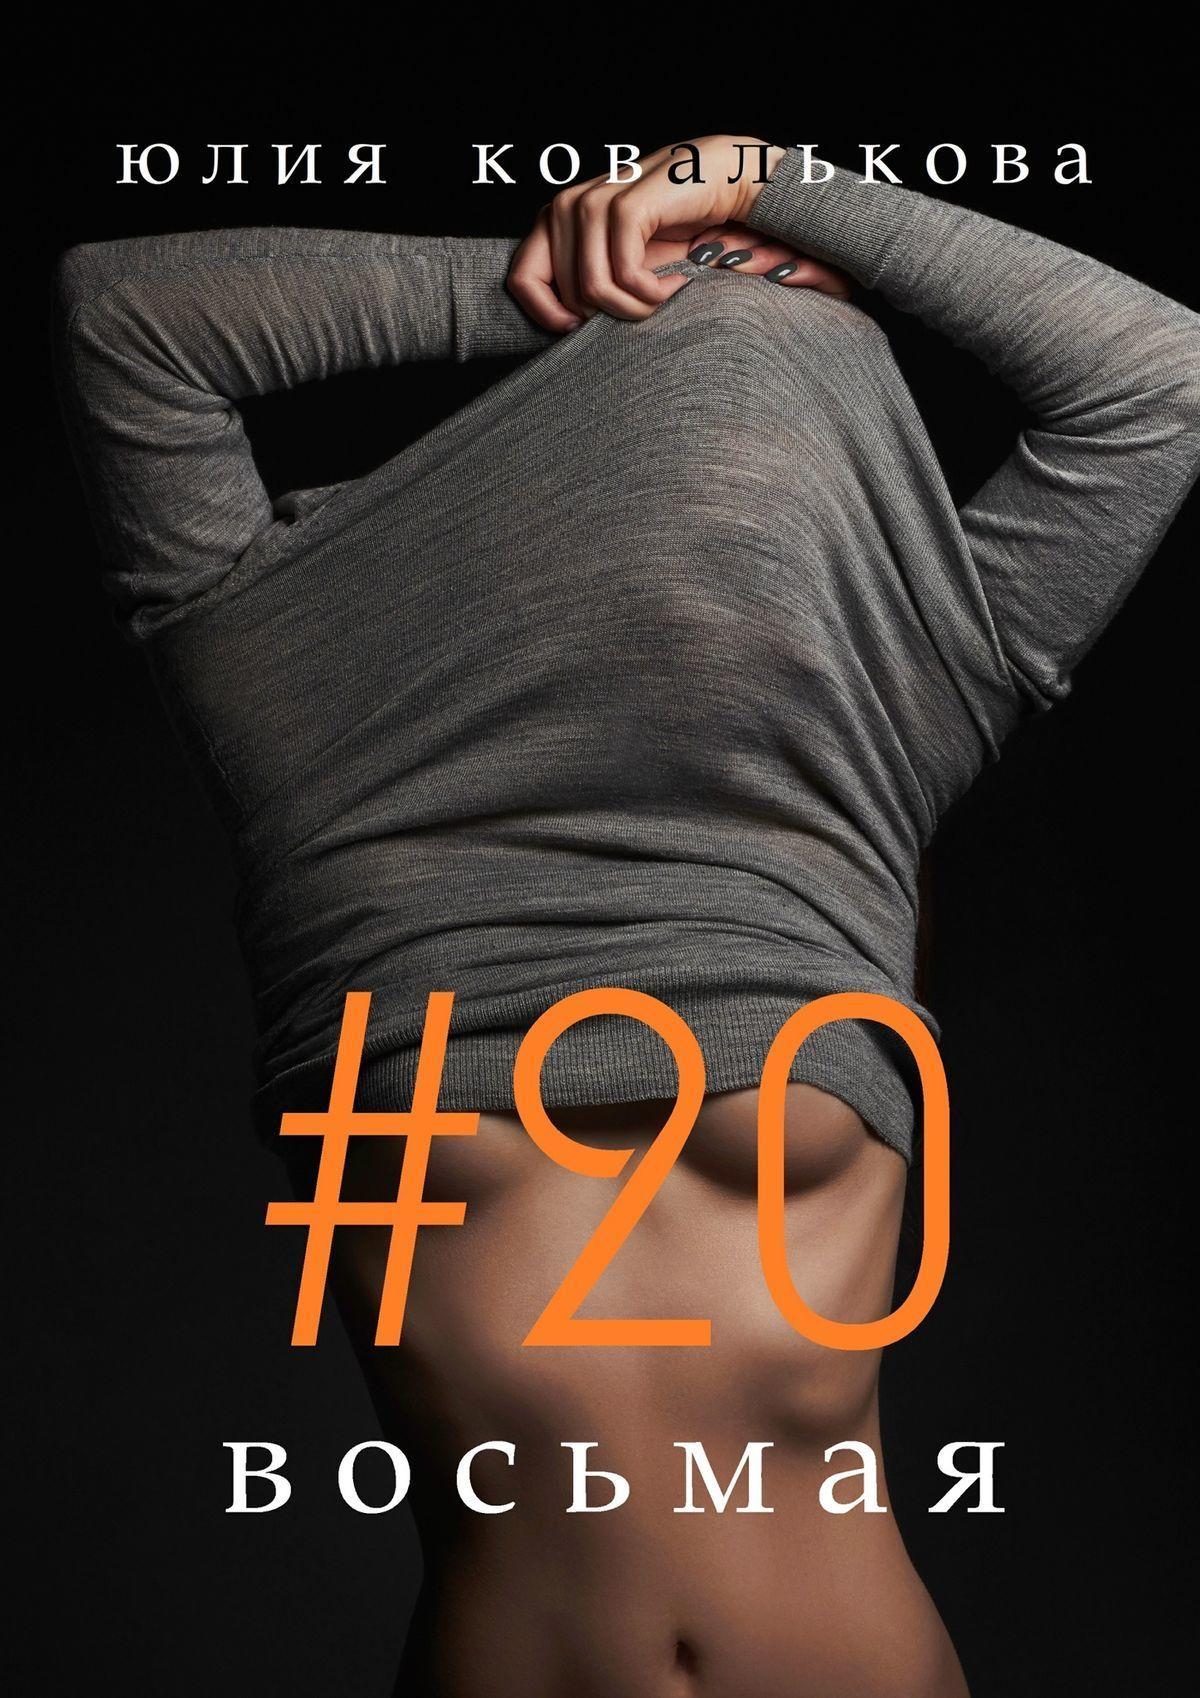 Юлия Ковалькова # 20восьмая разумовская юлия я считаю до 20